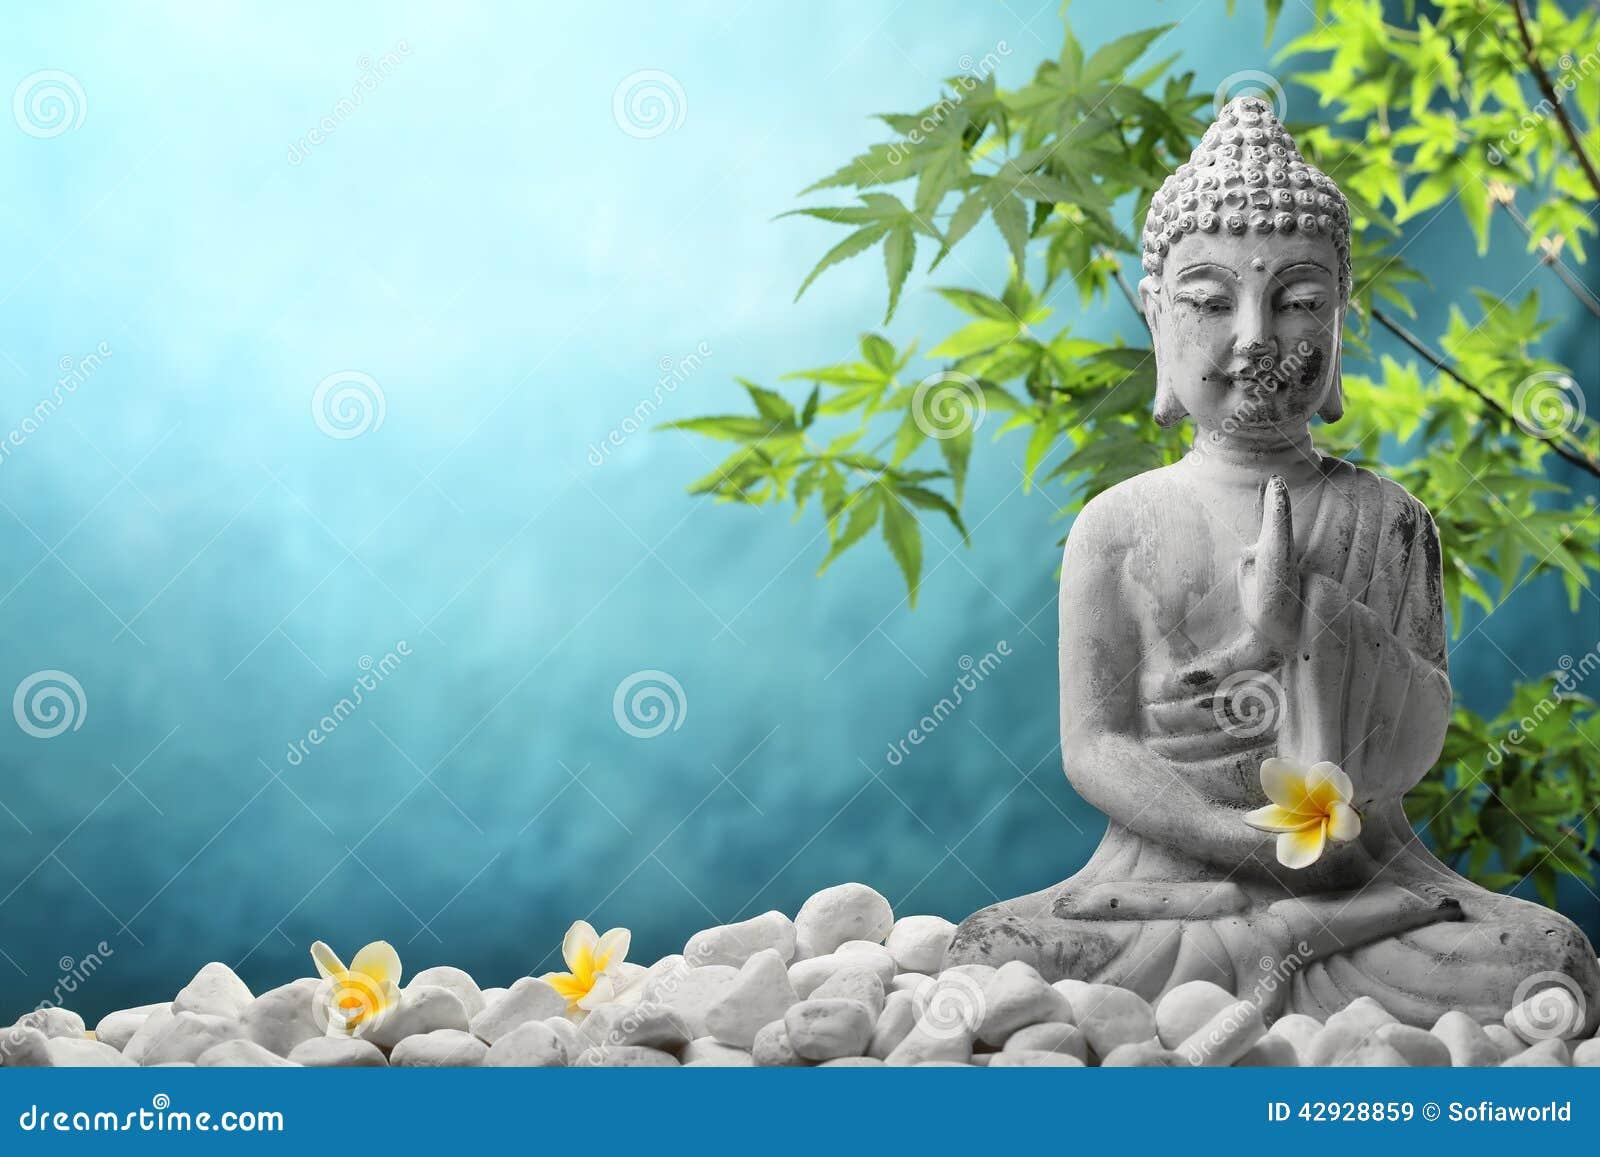 Buddha In Meditation Stock Photo Image 42928859